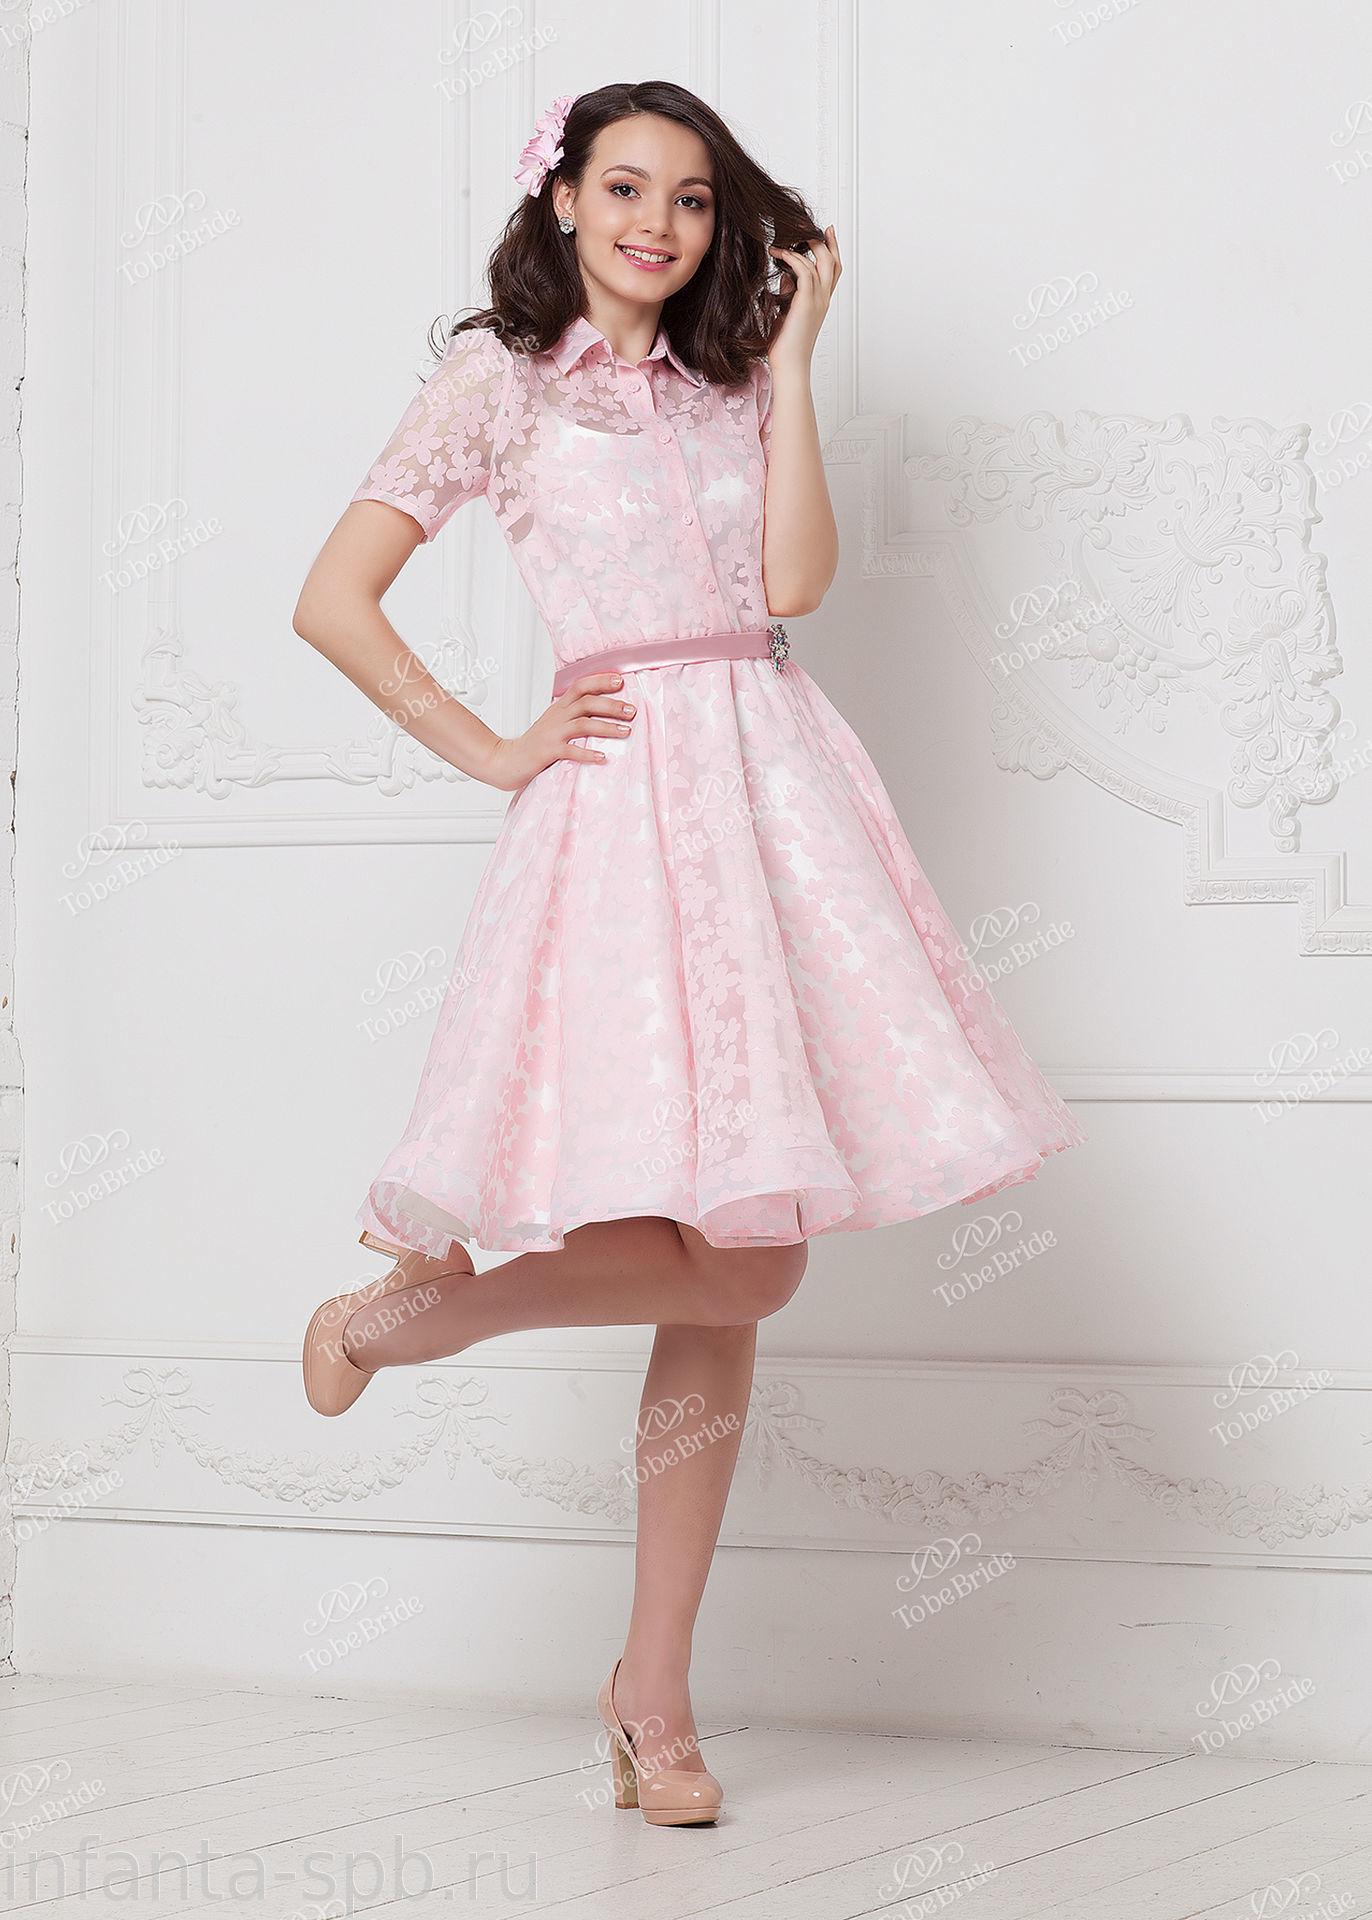 Нежно розовое платье на выпускной